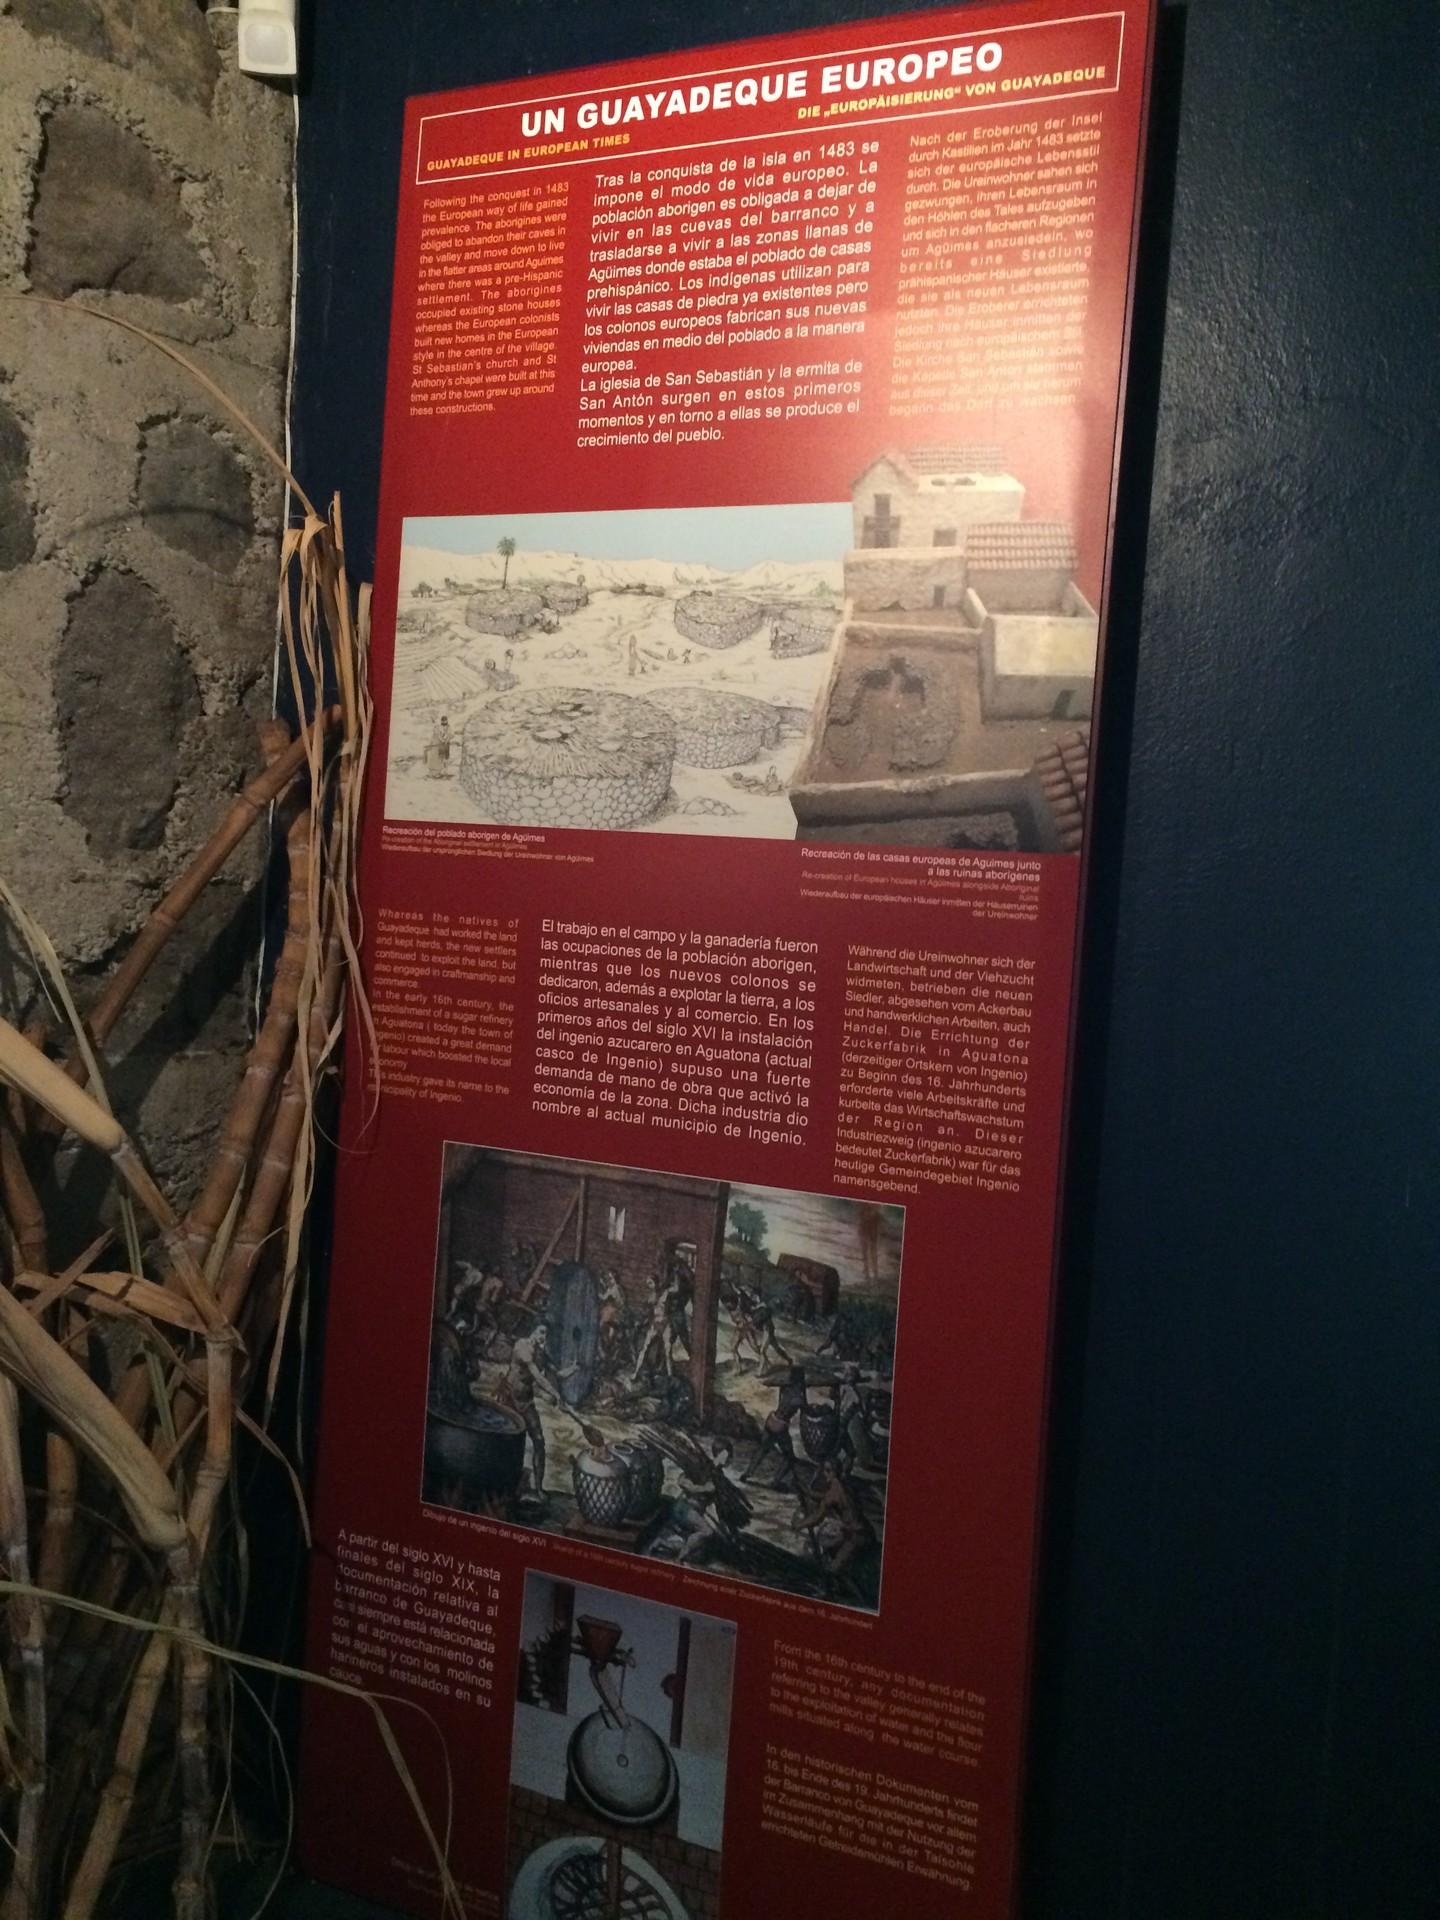 museo-guayadeque-862c4e8fd22b0bc57ca6f67